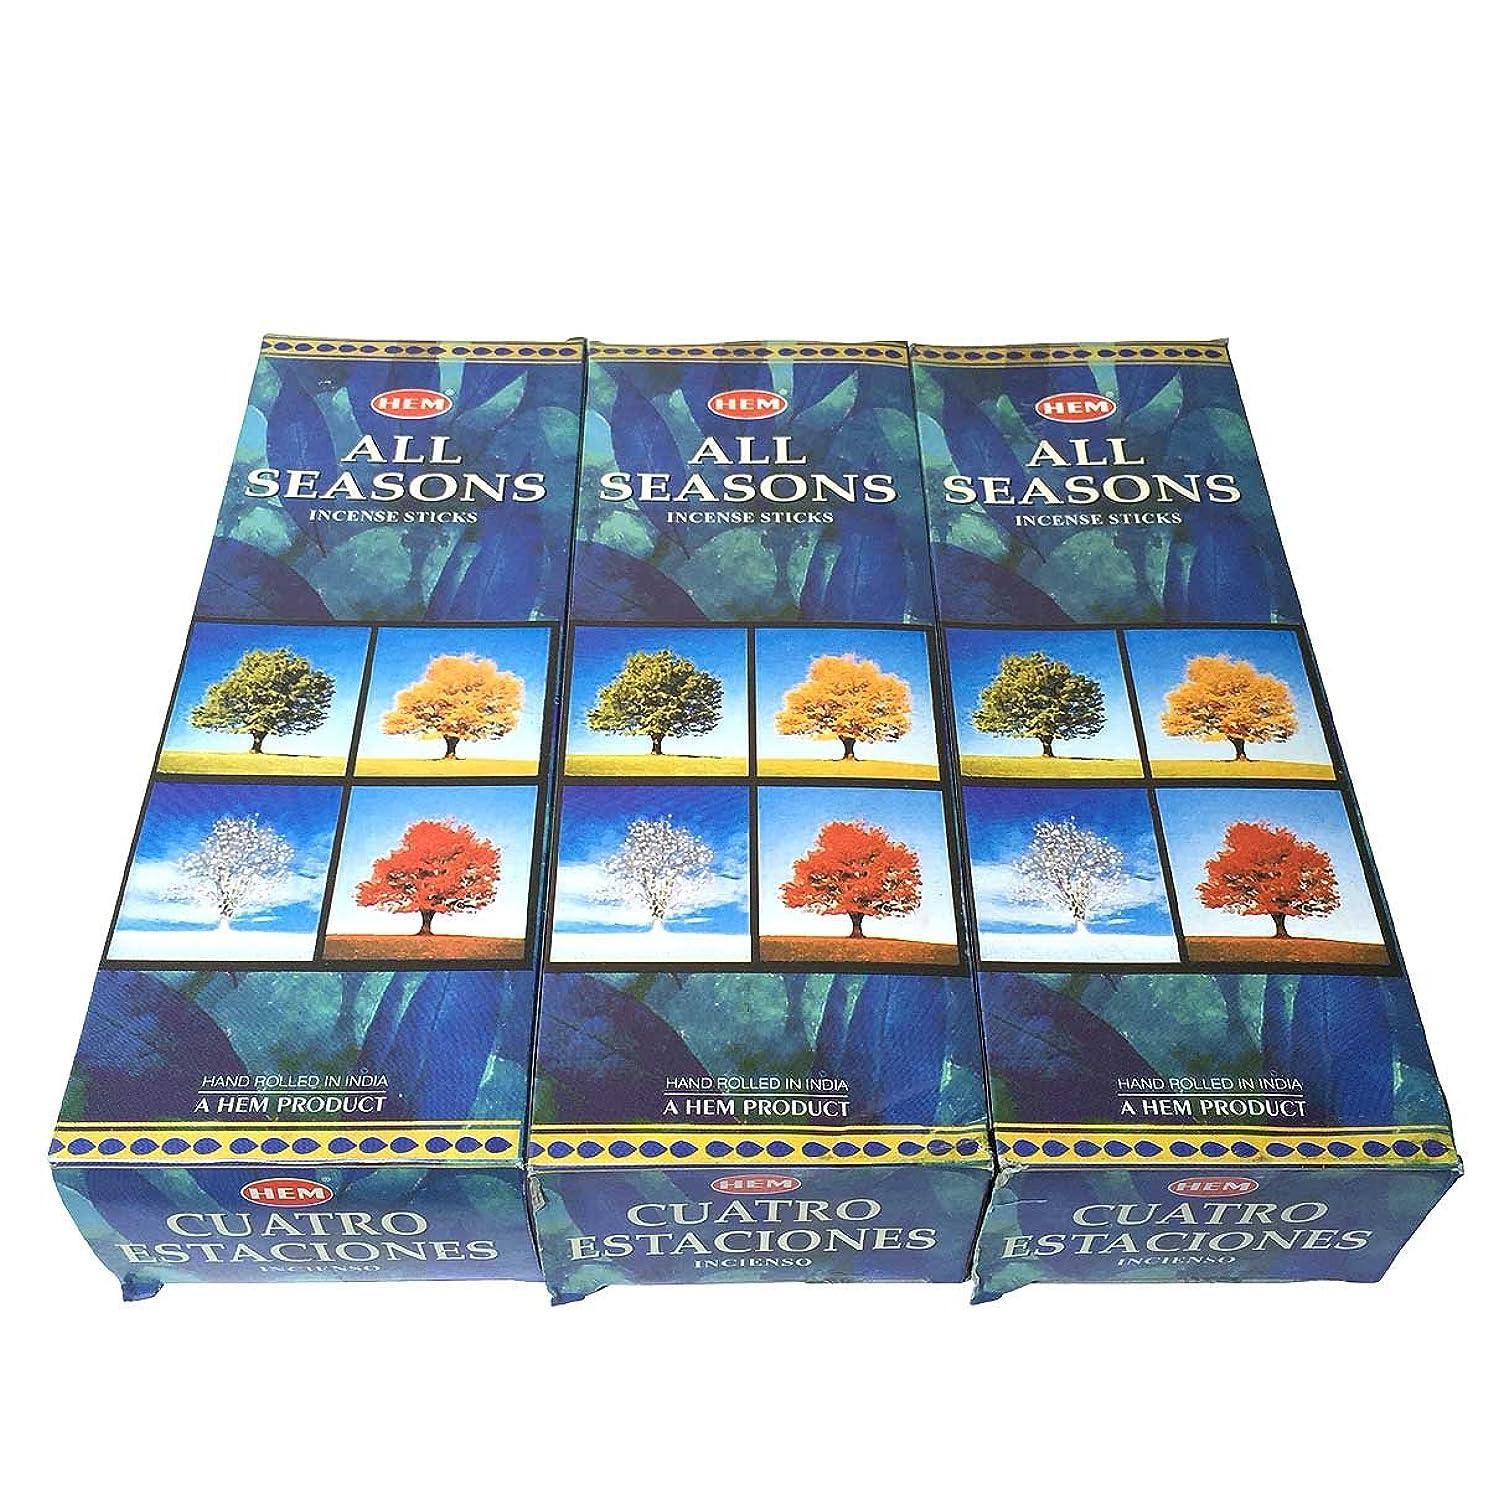 ミント区できるオールシーズン香スティック 3BOX(18箱) /HEM ALL SEASONS/インセンス/インド香 お香 [並行輸入品]